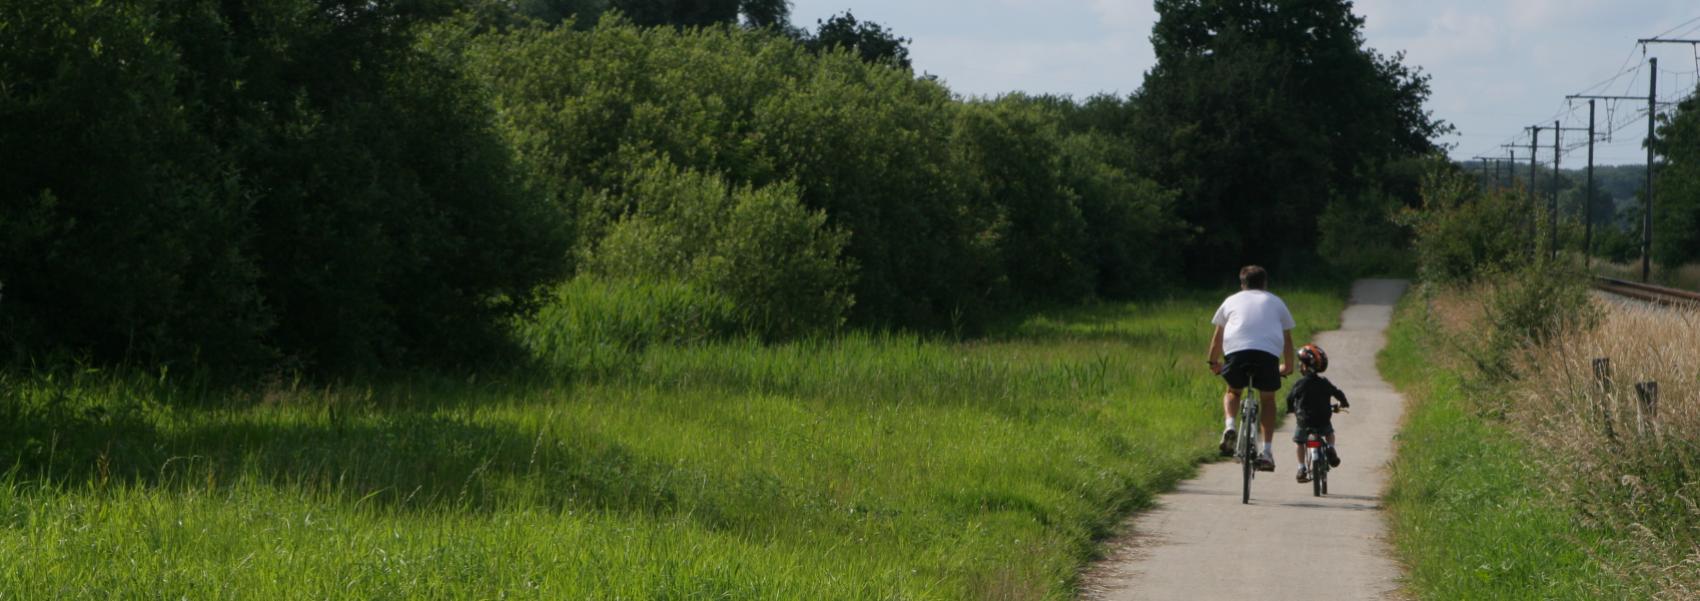 fietsers langs de spoorwegberm